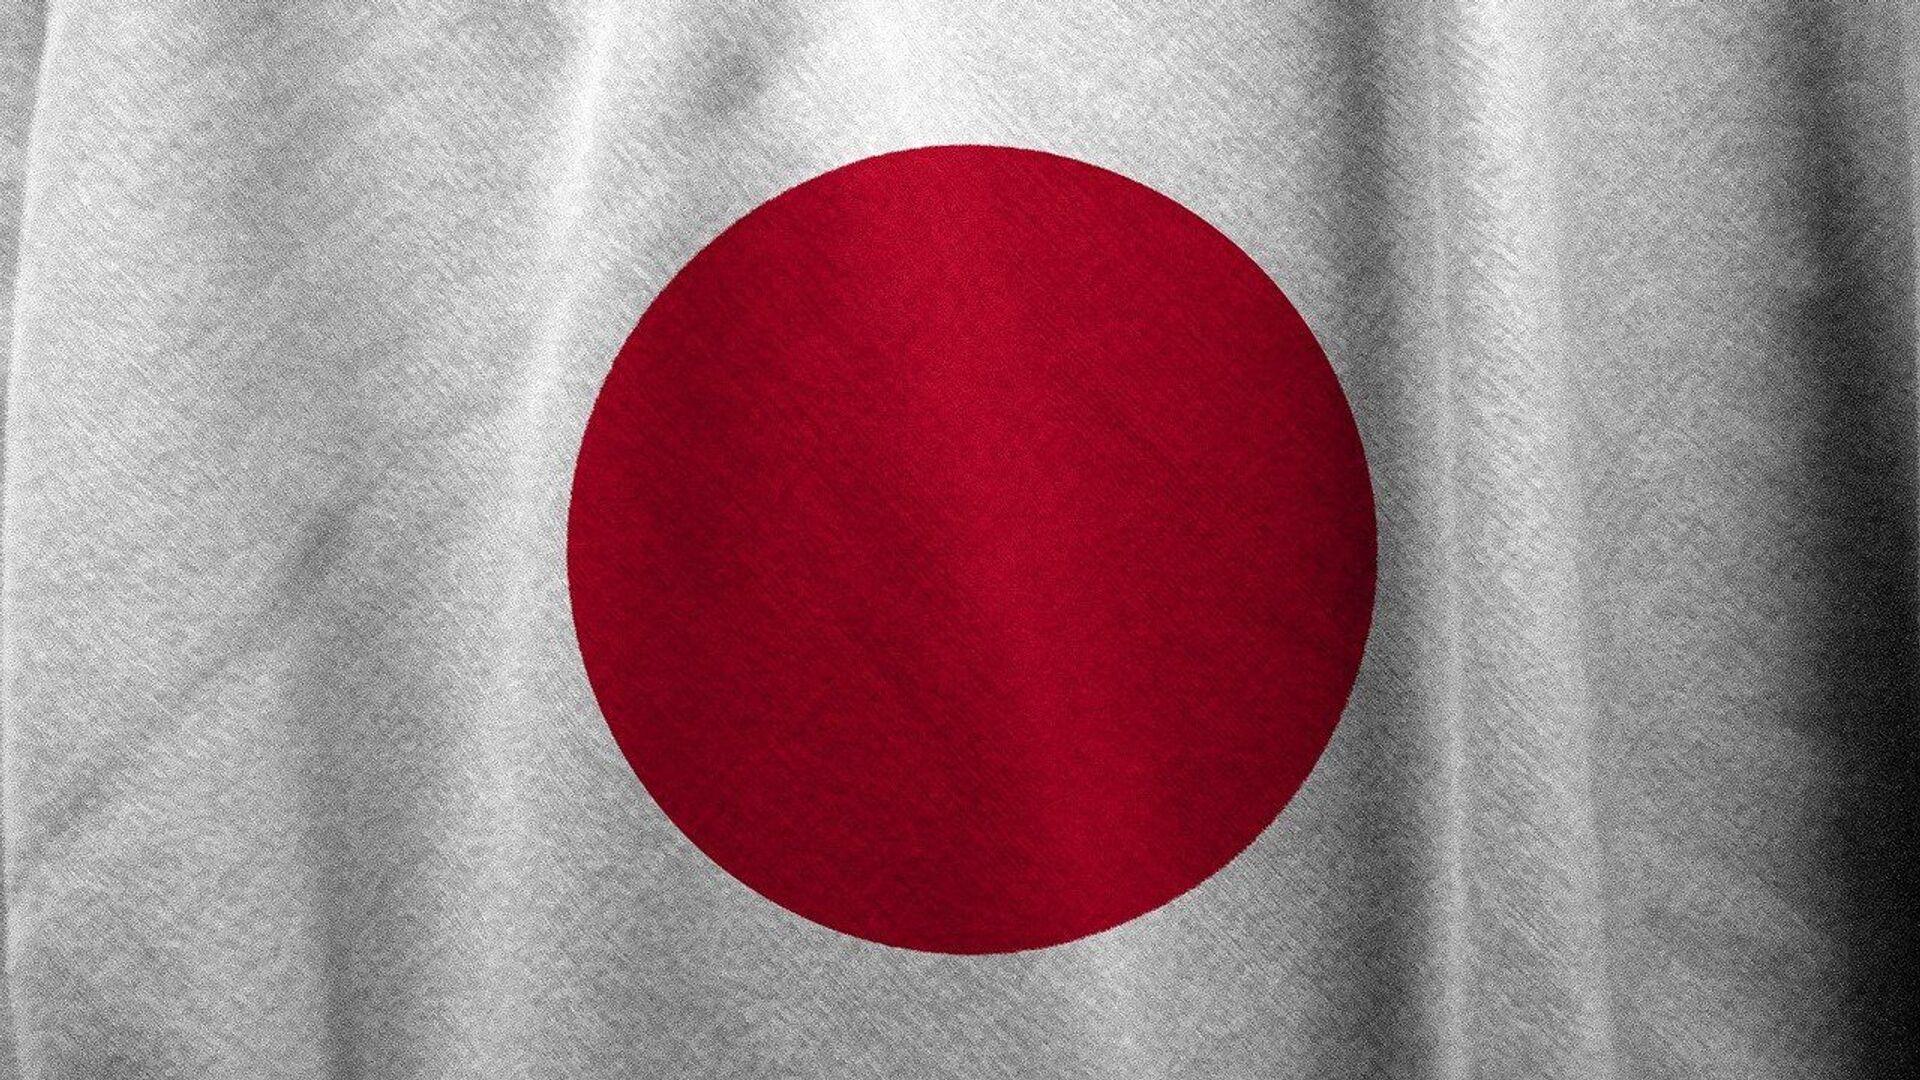 Японский флаг - Sputnik Таджикистан, 1920, 15.08.2021